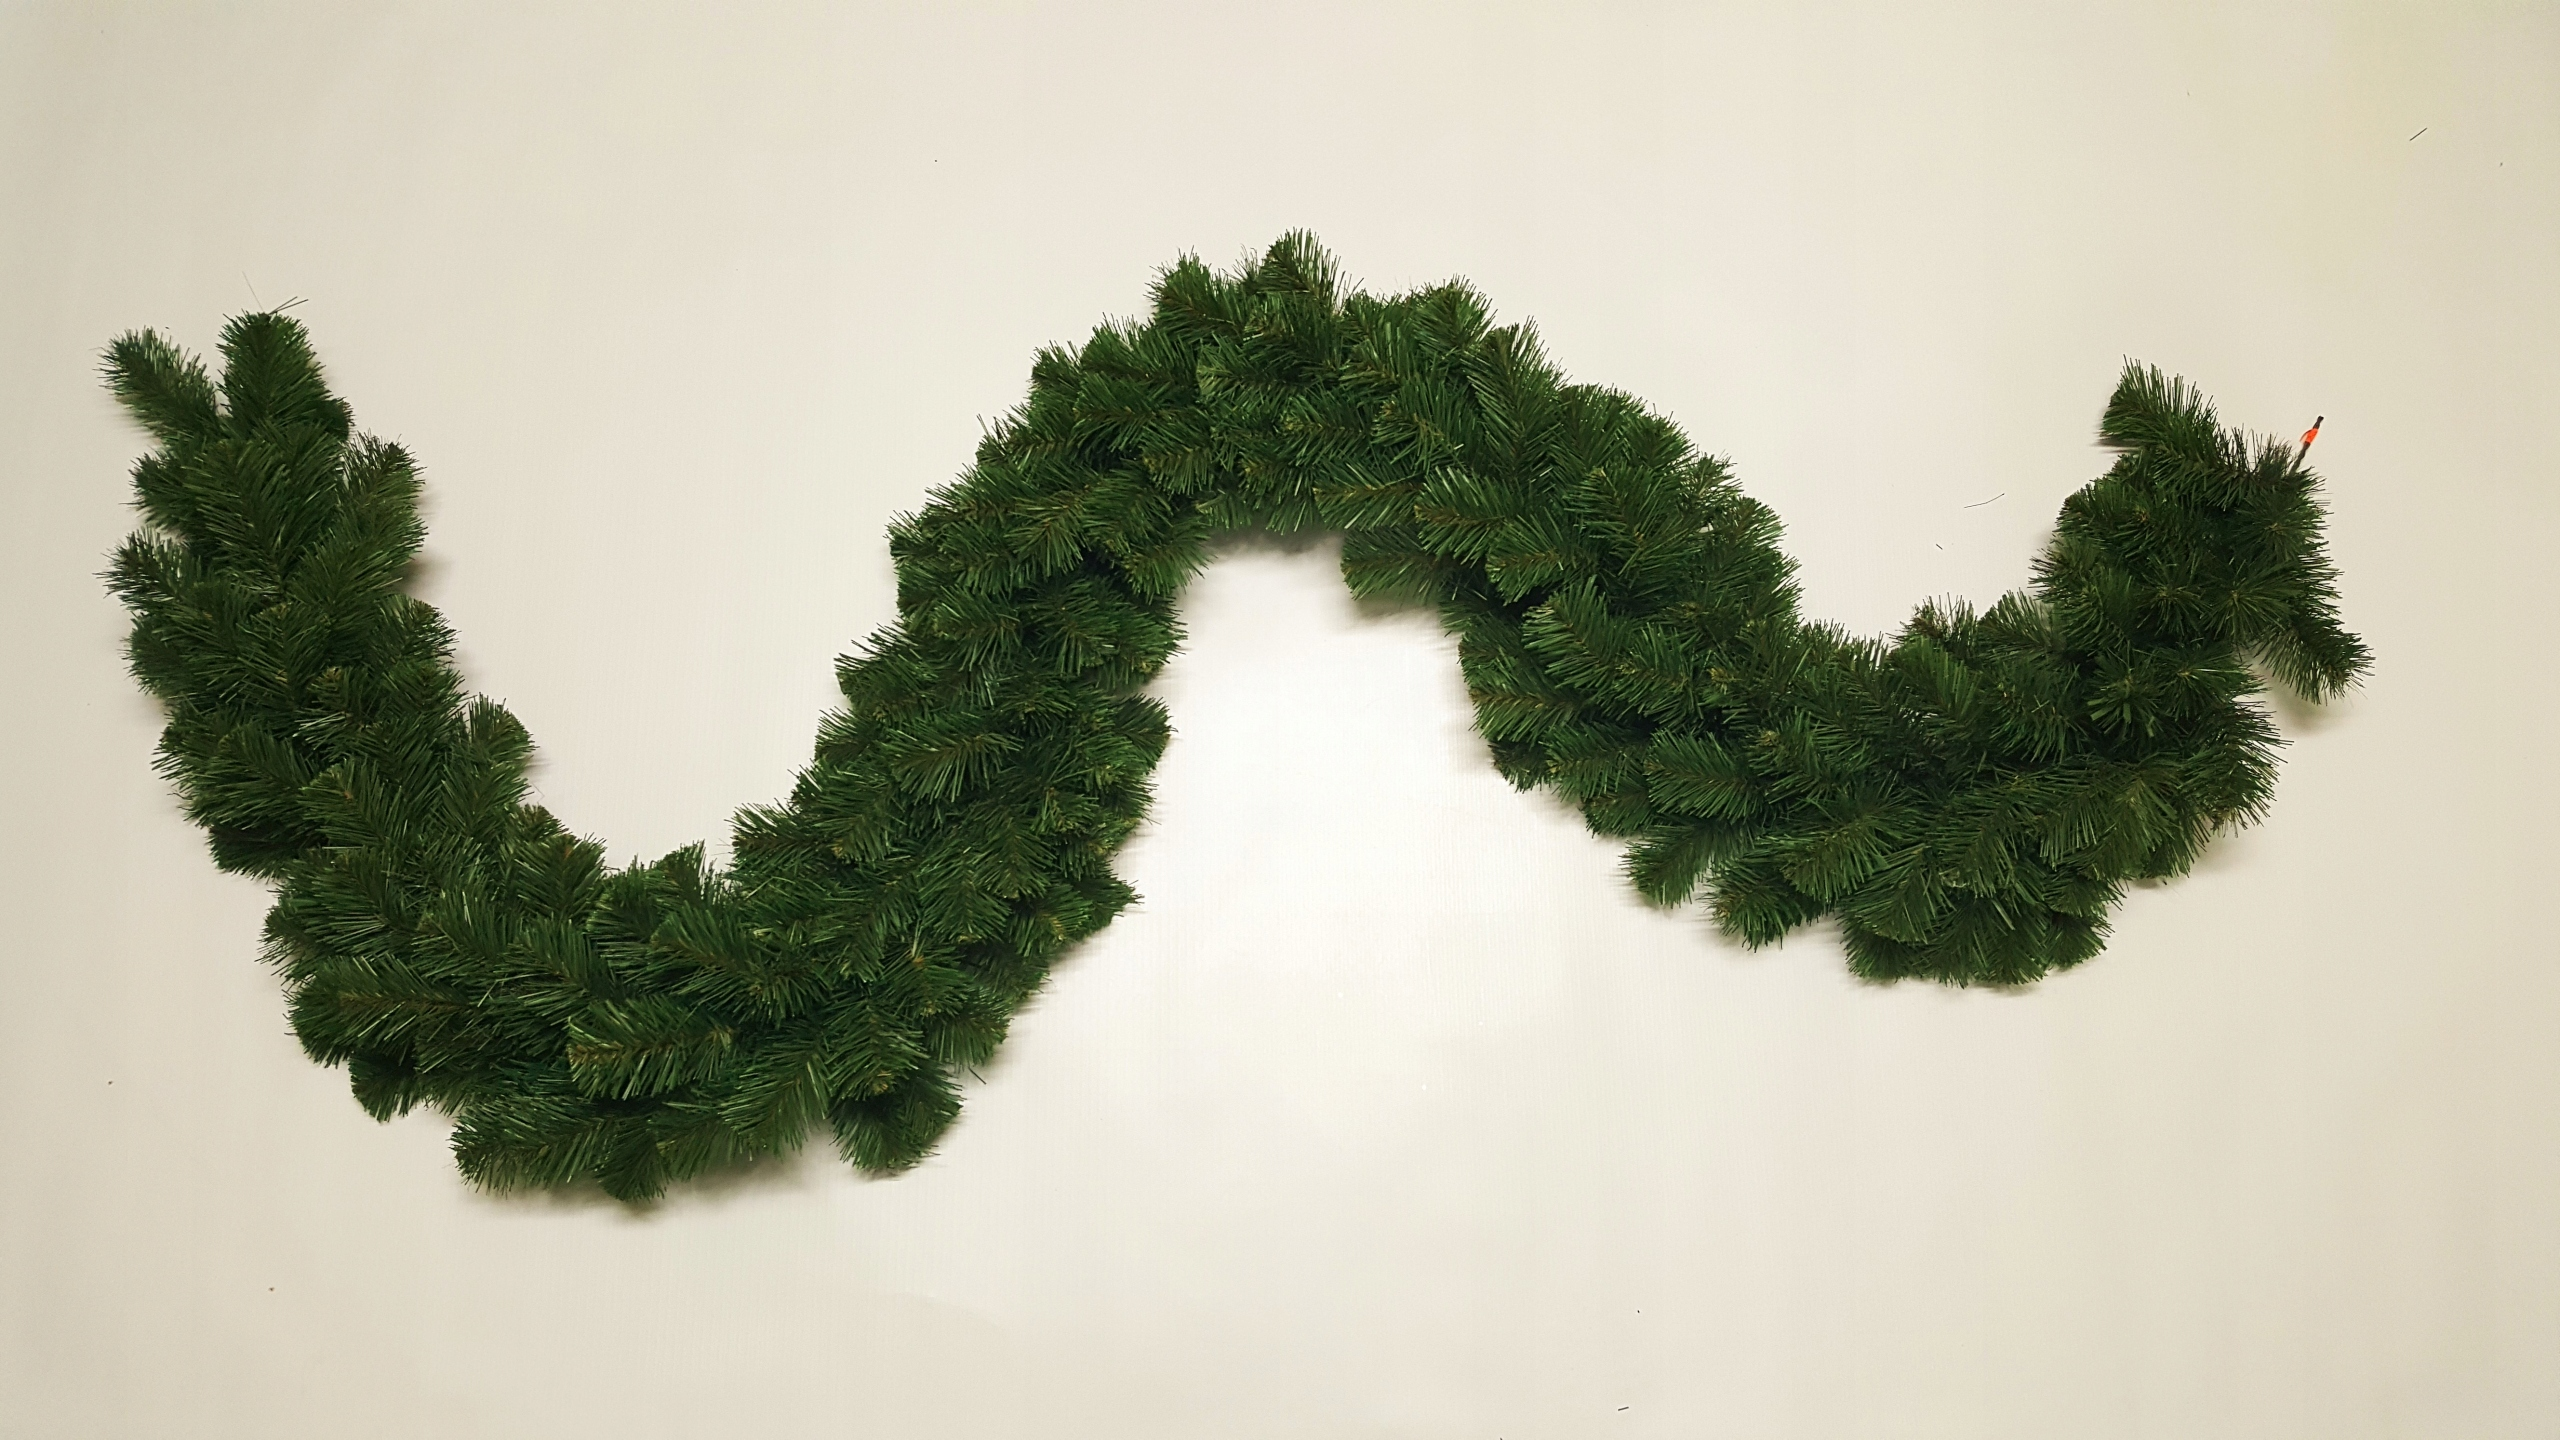 Hustá dekorácia vianočná jedľová girlanda 300cm